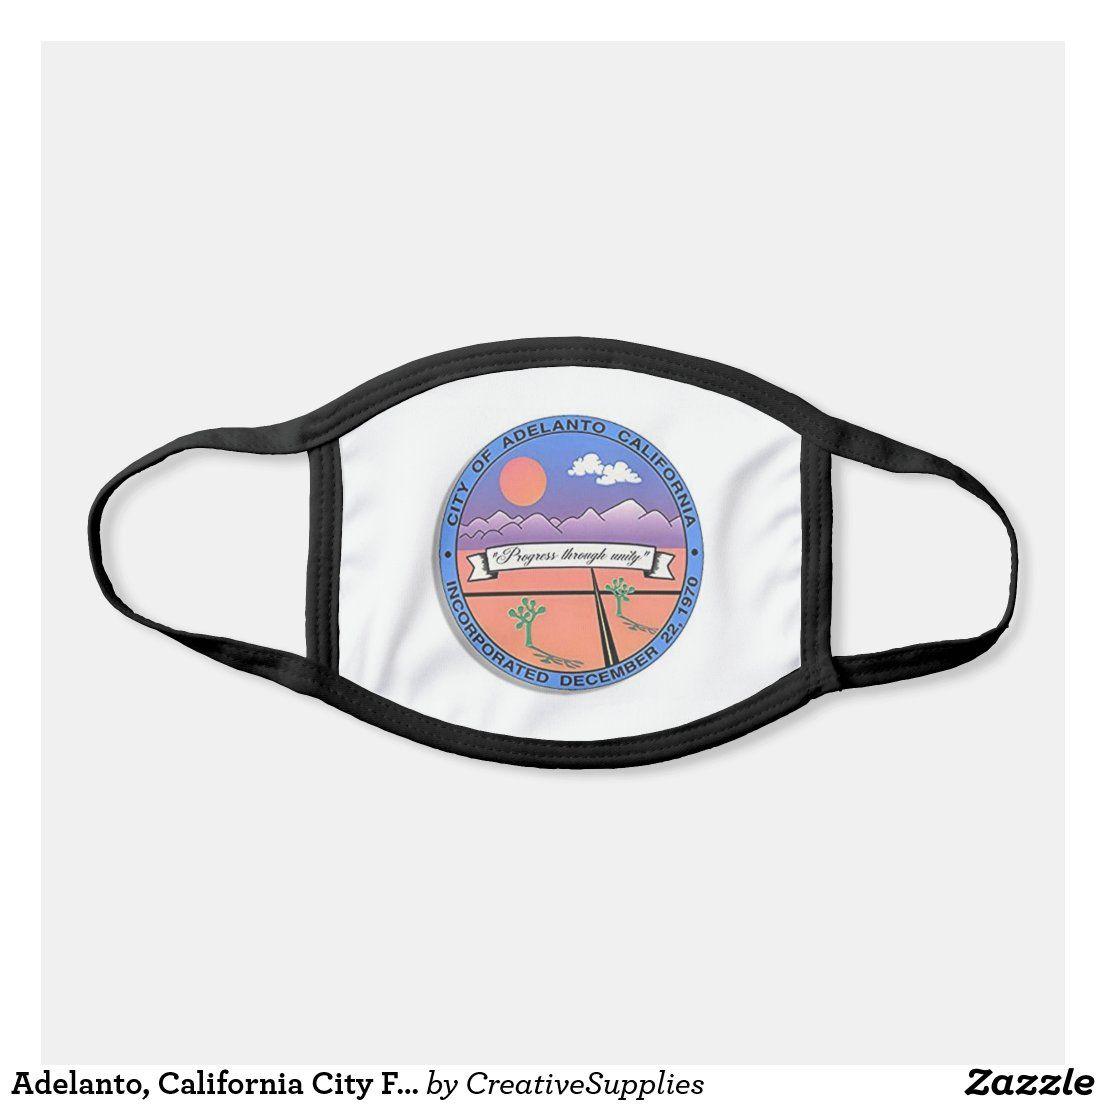 Adelanto, California City Flag Face Mask in